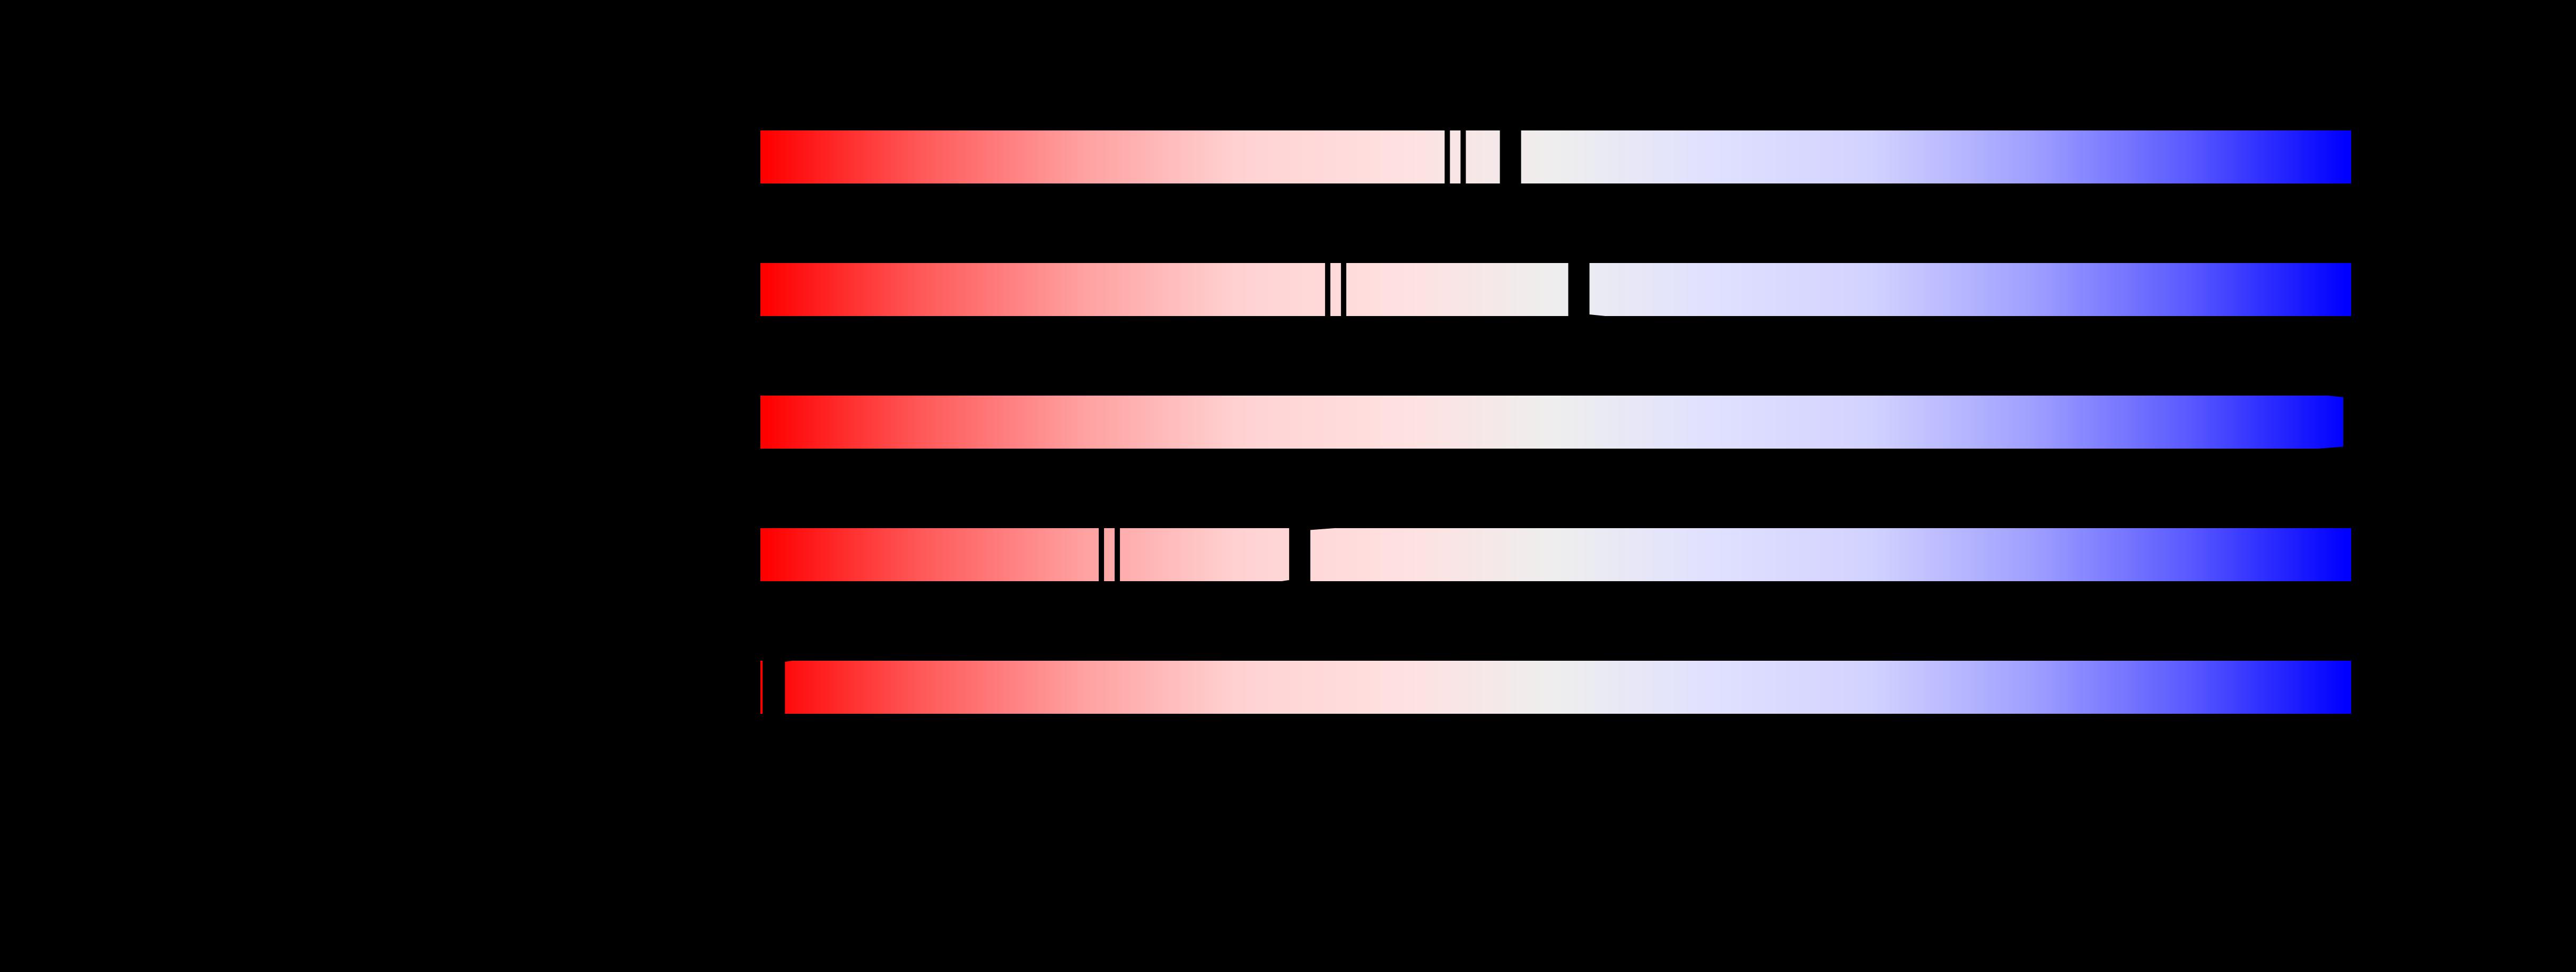 Peptidylglycine alpha-amidating monooxygenase system